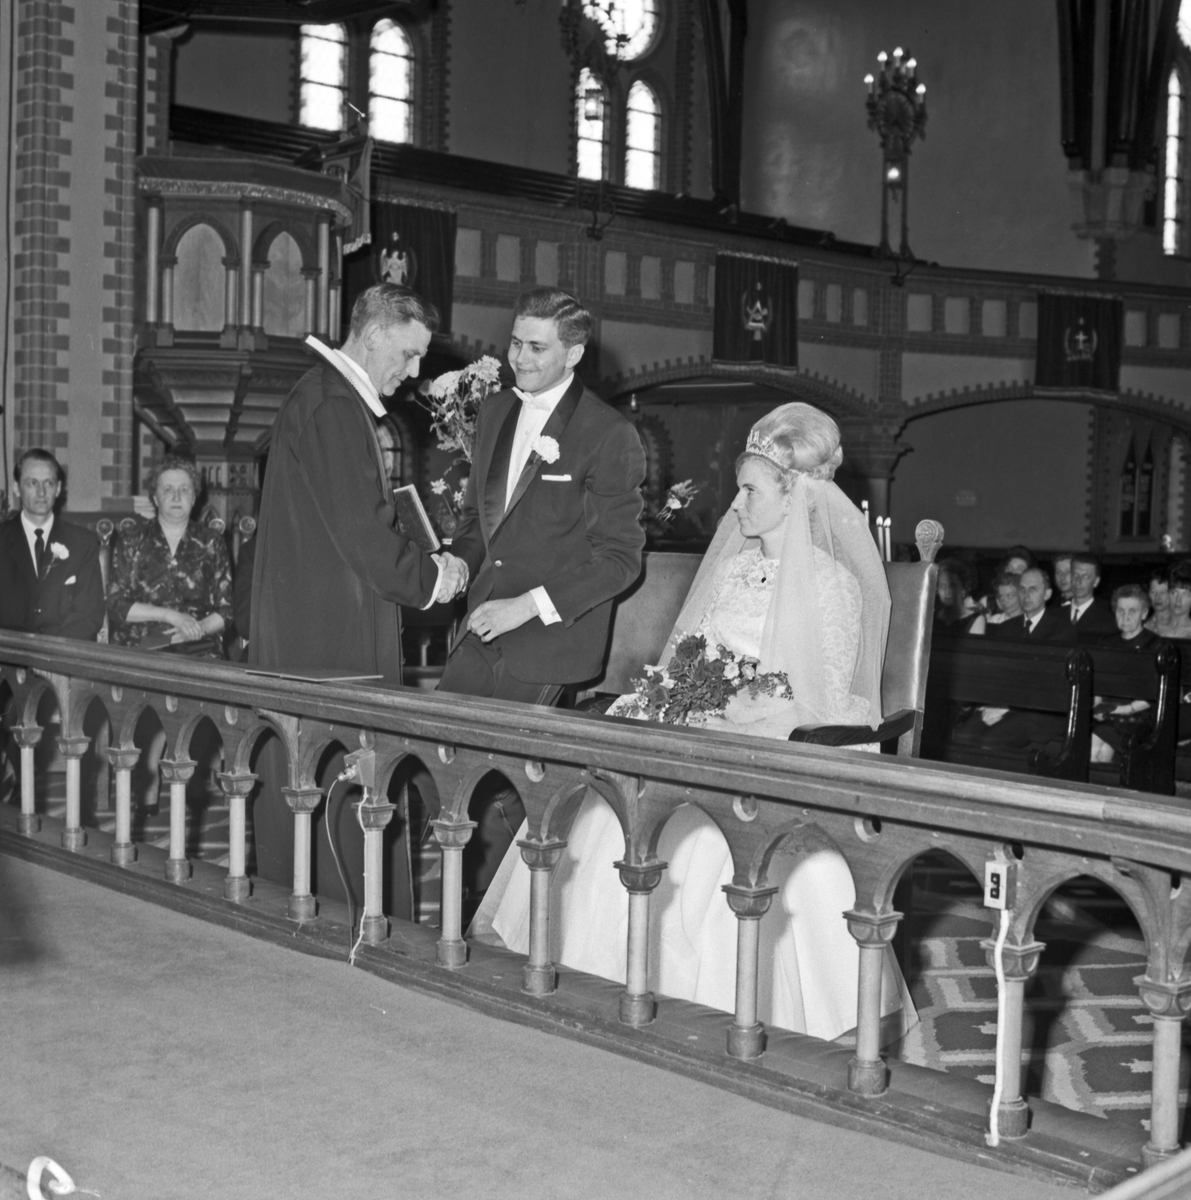 Bryllup. På vei inn i kirken, under vielsen og på trappen etterpå - bestiller Jan Syvertsen